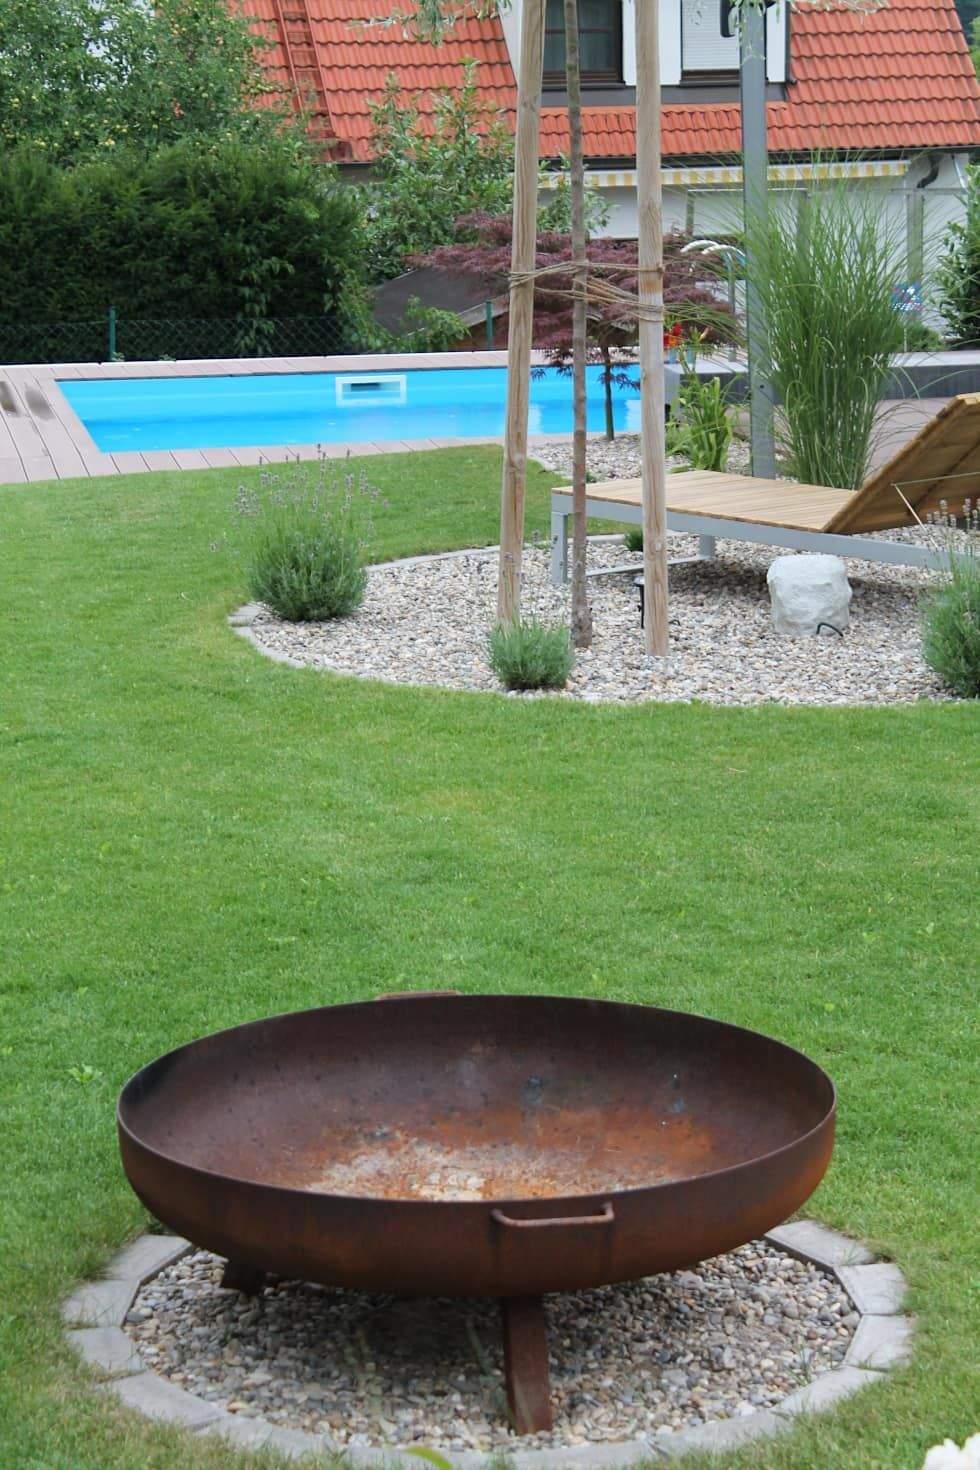 Feuerstelle Garten Gas Genial Die 50 Besten Bilder Von Feuerstellen Feuerschalen Garten Anlegen